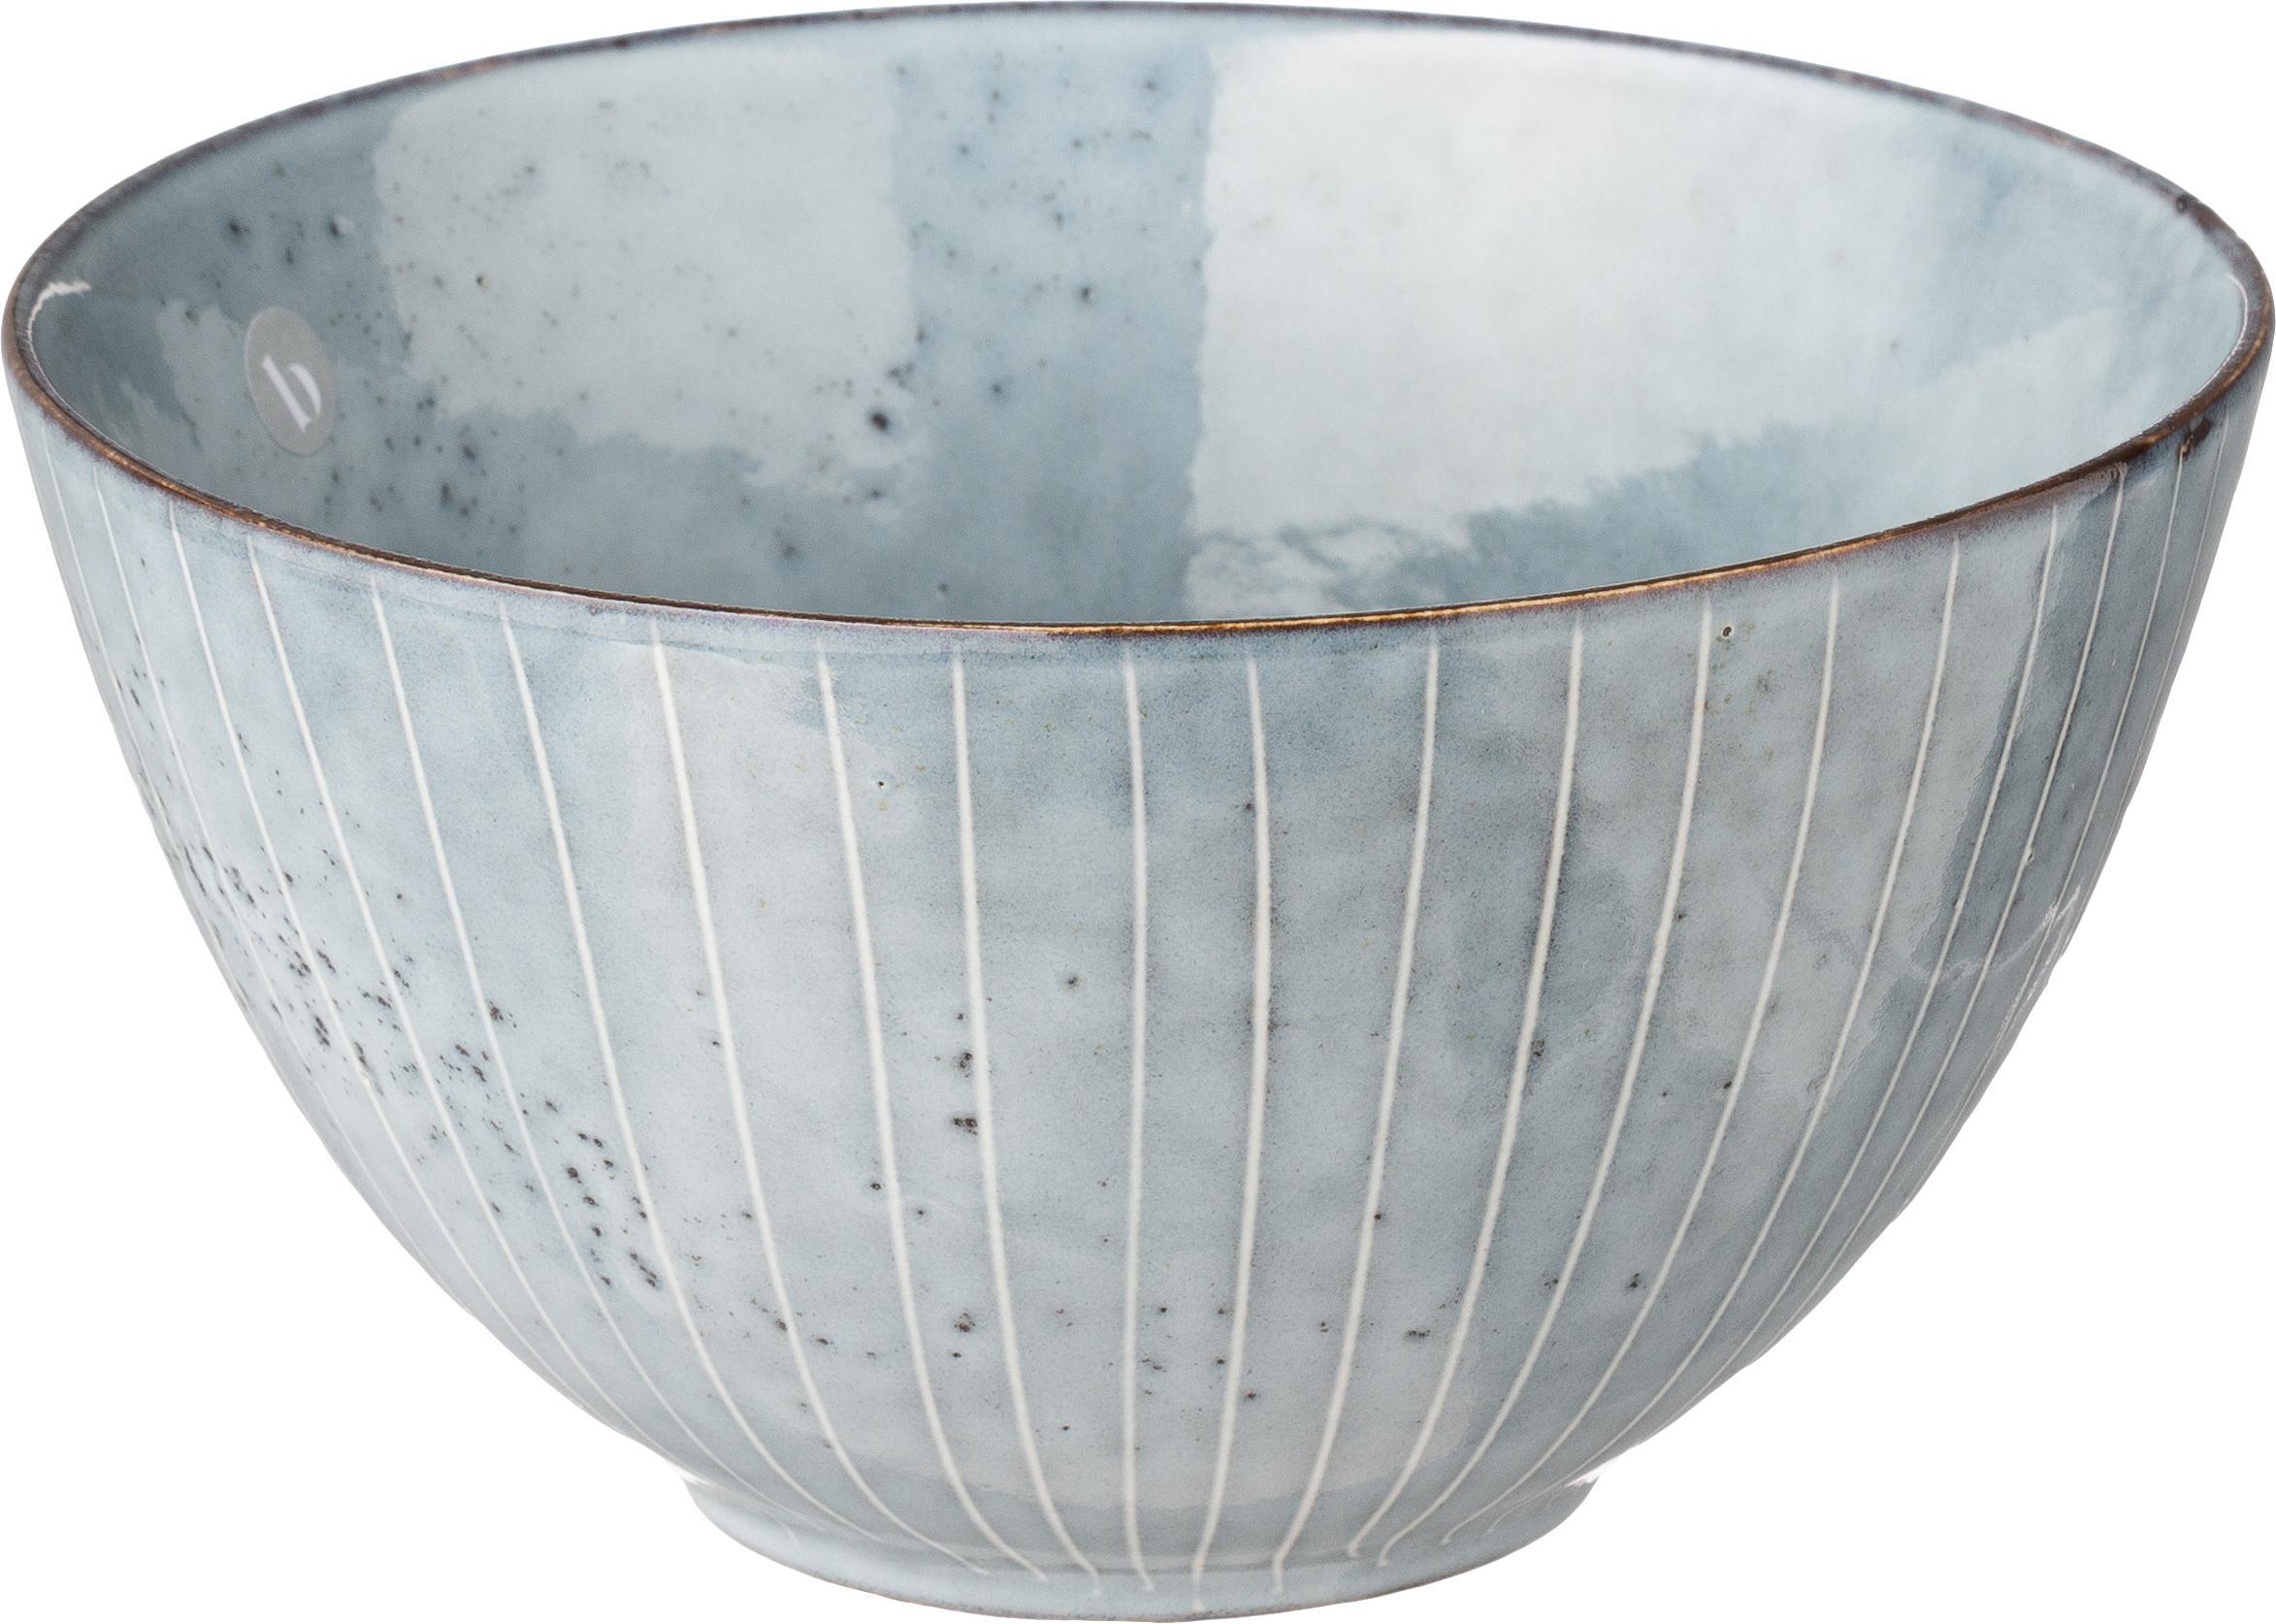 Handgemachte Schälchen Nordic Sea Ø 15 cm aus Steingut, 4 Stück, Steingut, Grau- und Blautöne, Ø 15 x H 8 cm